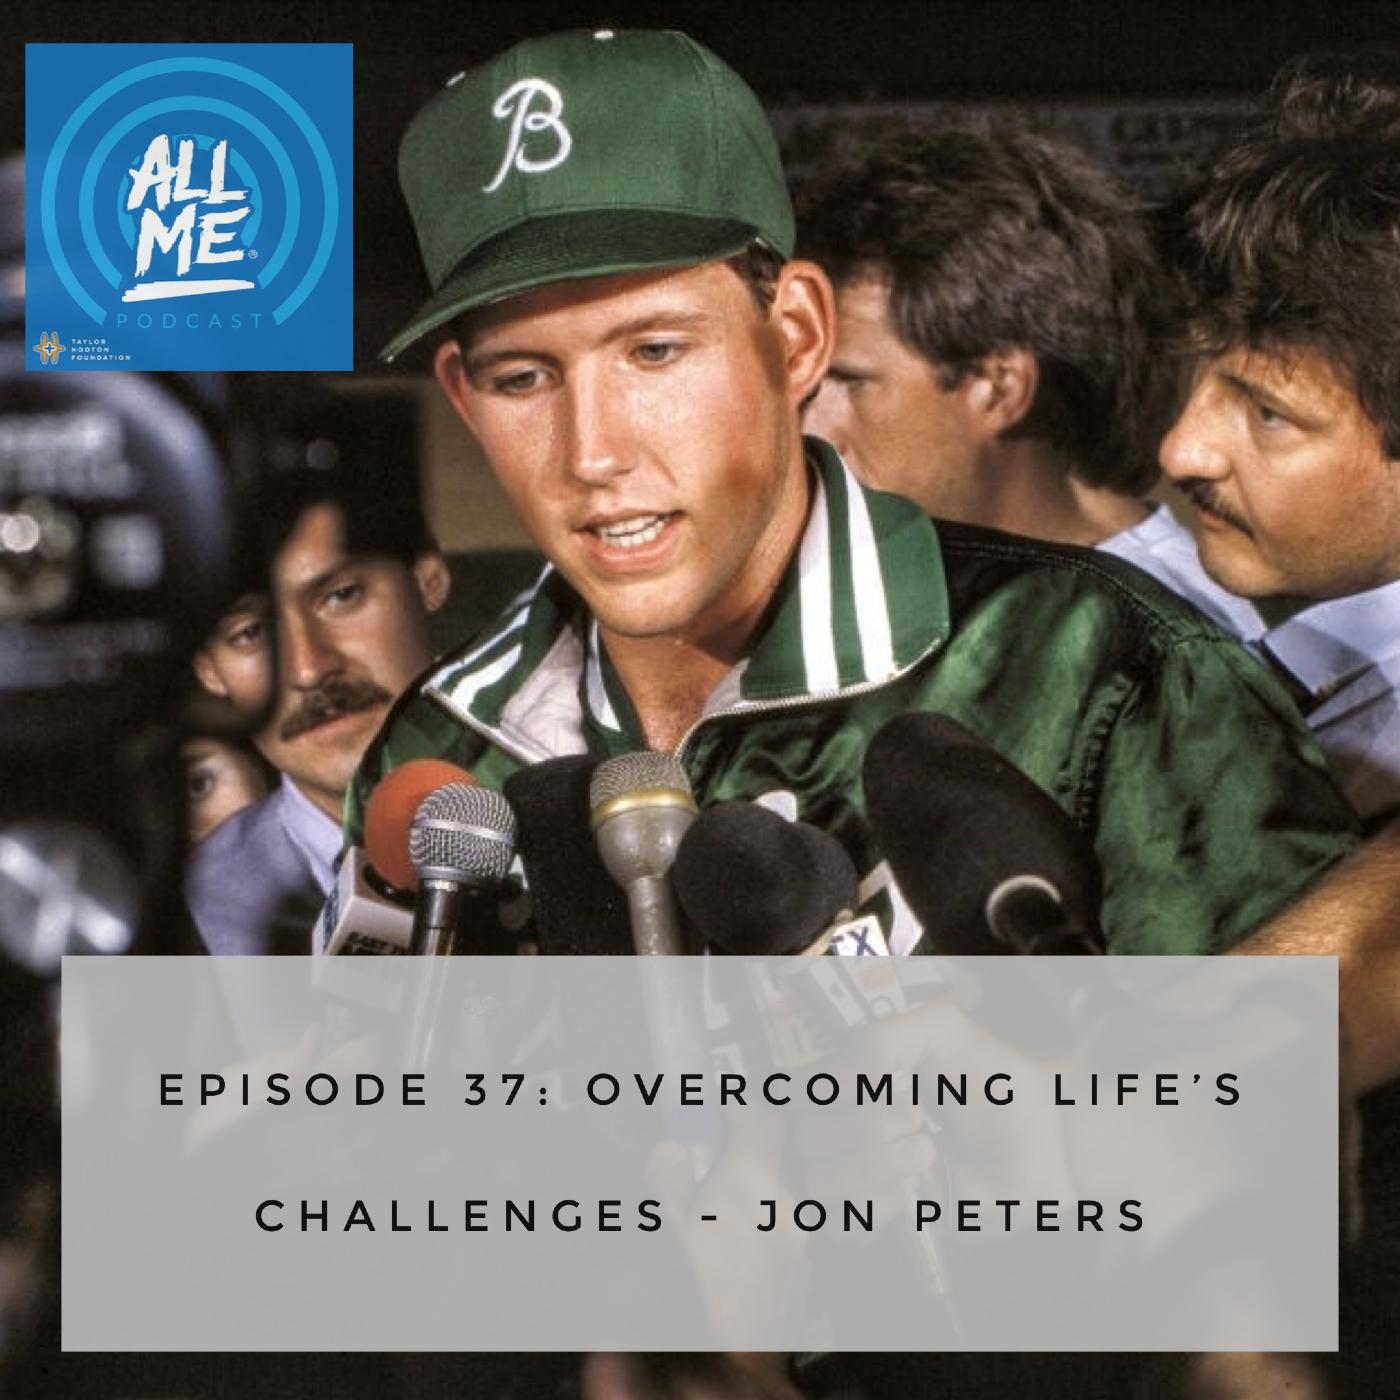 Episode 37: Overcoming Life's Challenges - Jon Peters